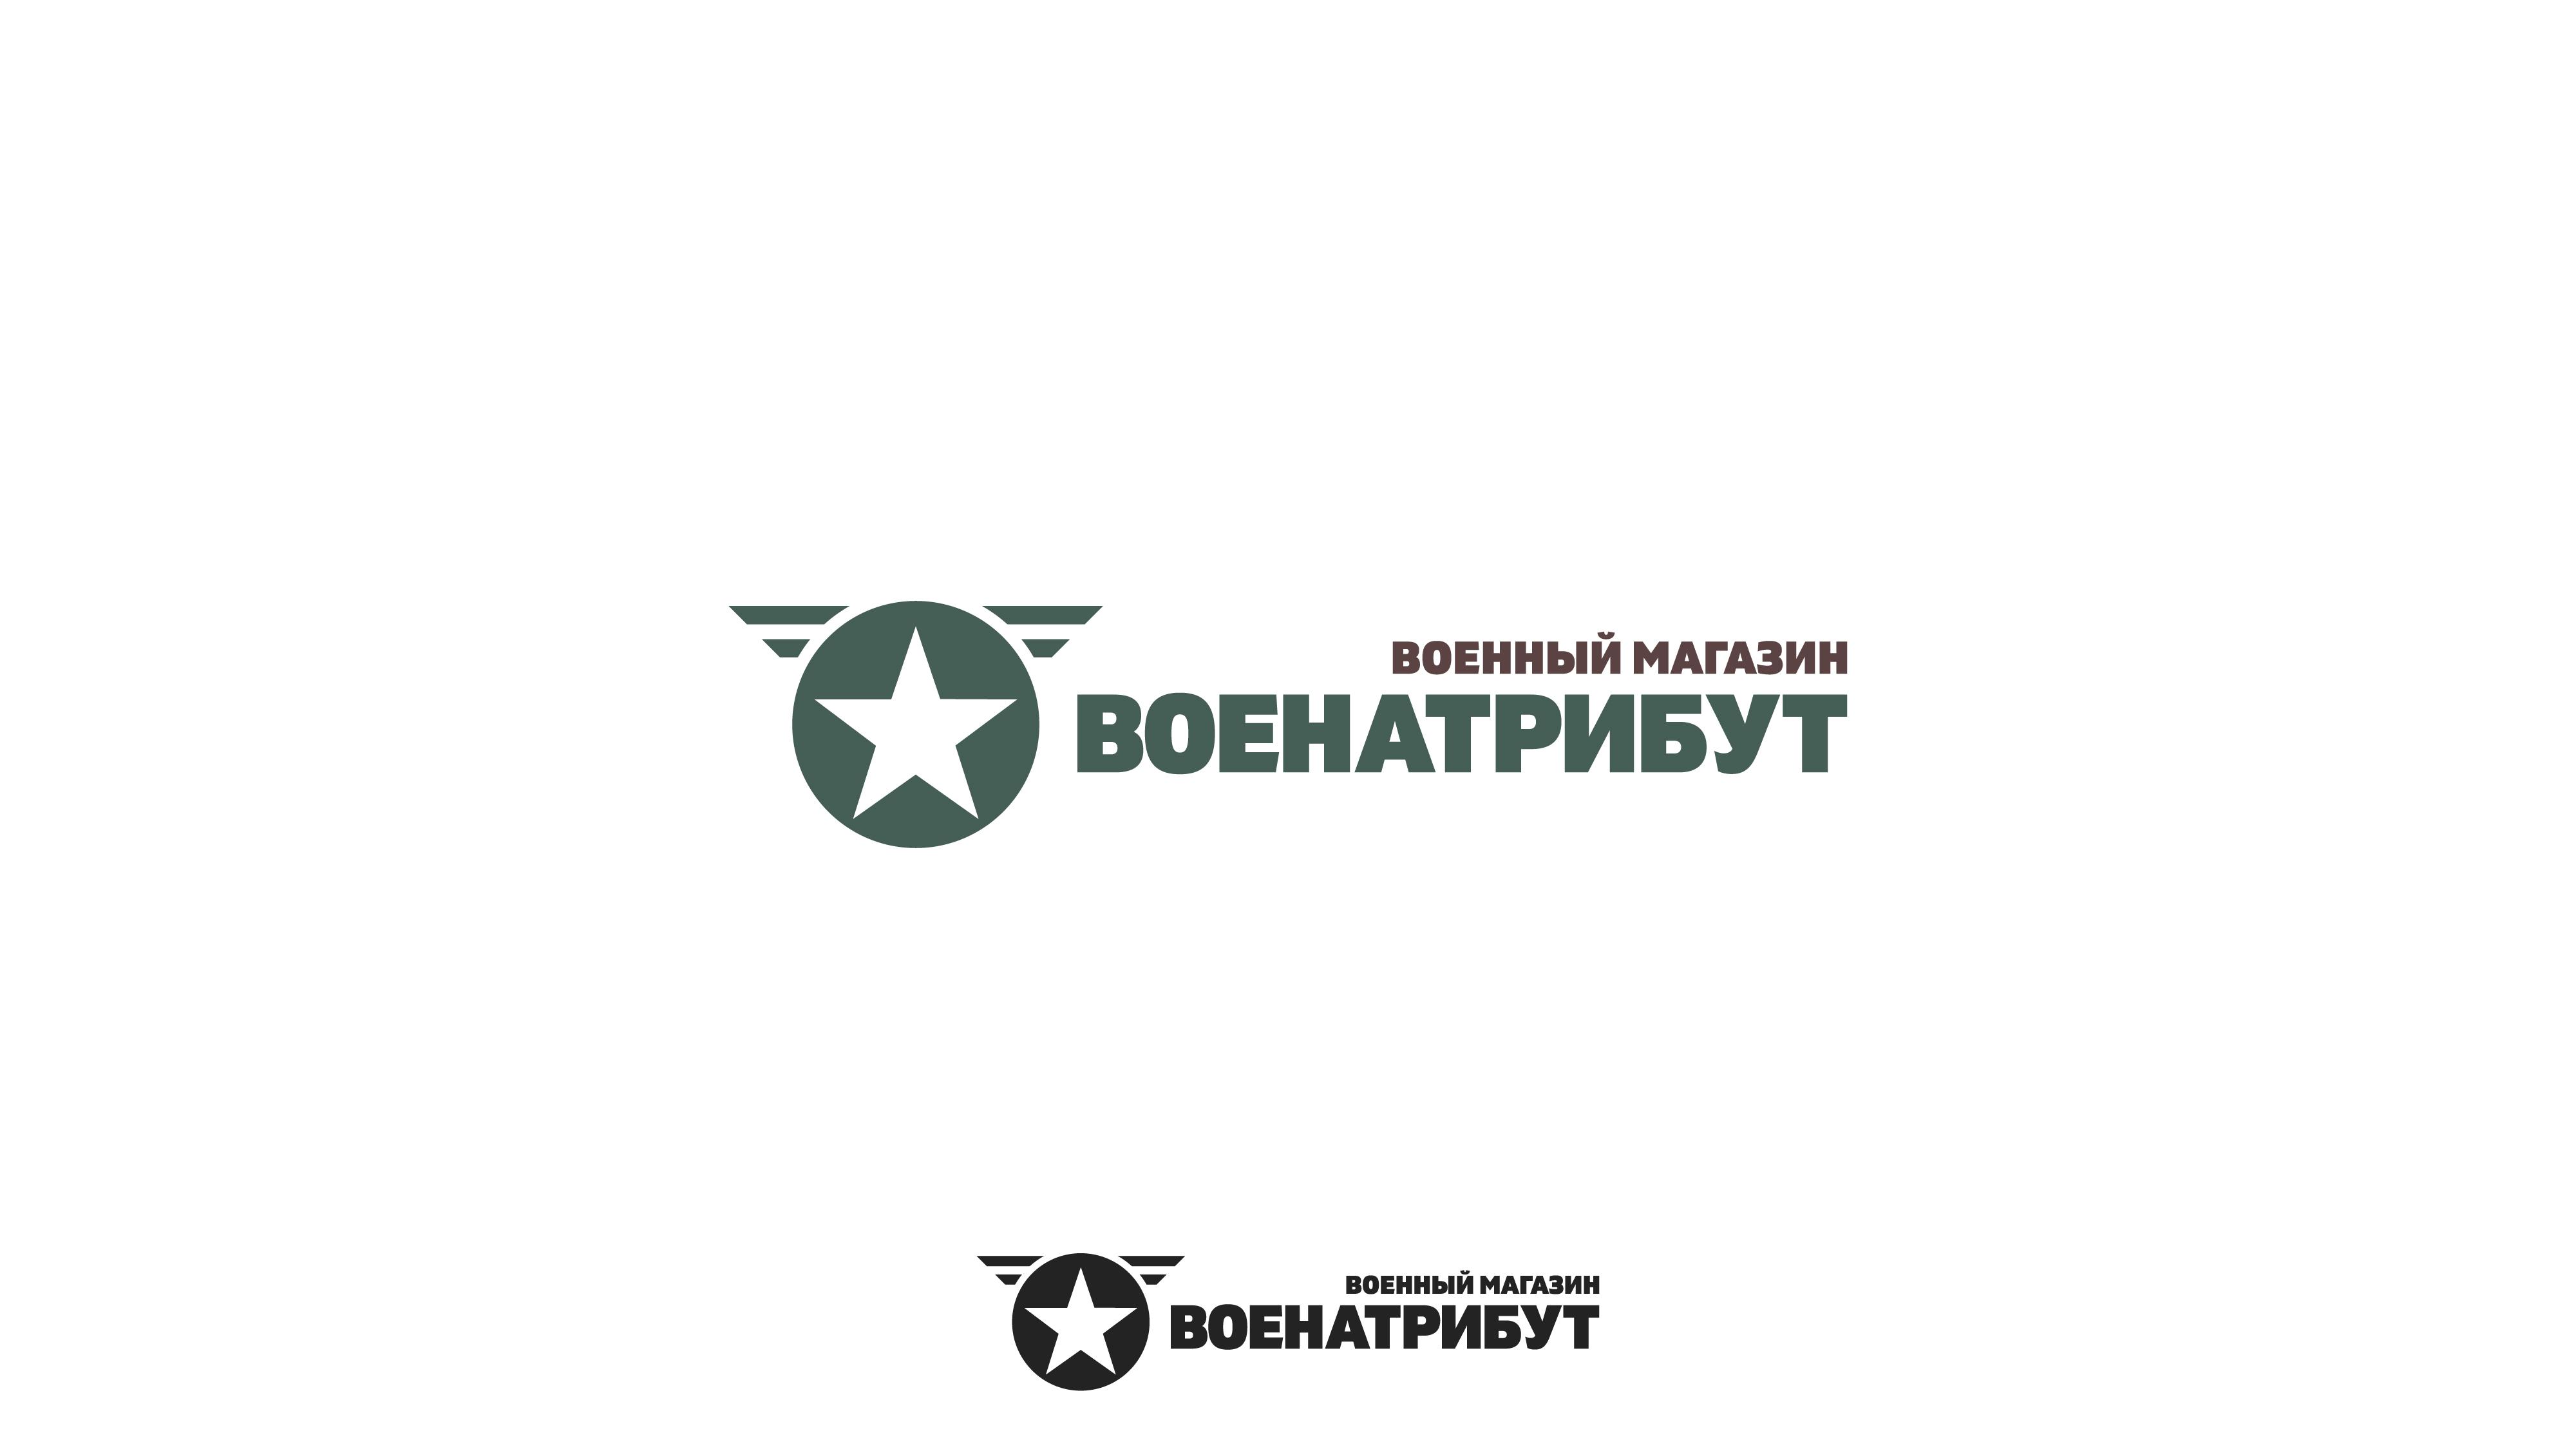 Разработка логотипа для компании военной тематики фото f_4406029732fe2143.jpg